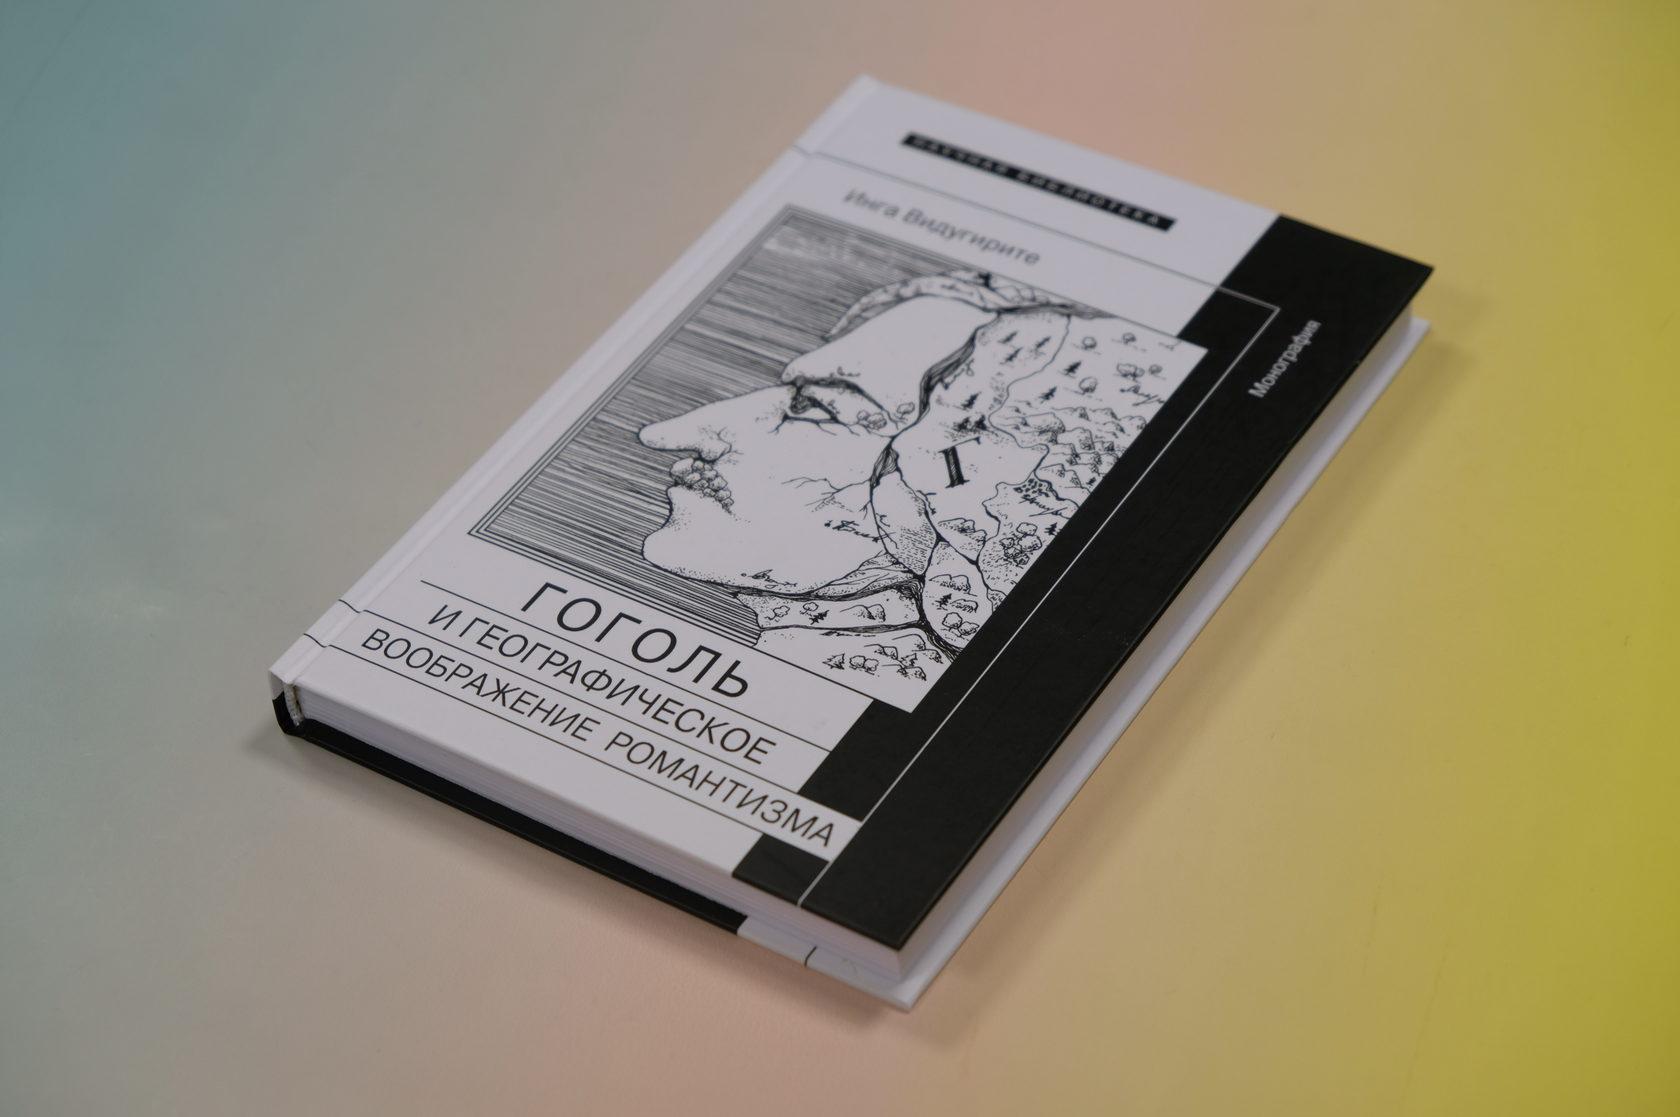 Инга Видугирите «Гоголь и географическое воображение романтизма» 978-5-4448-1136-8